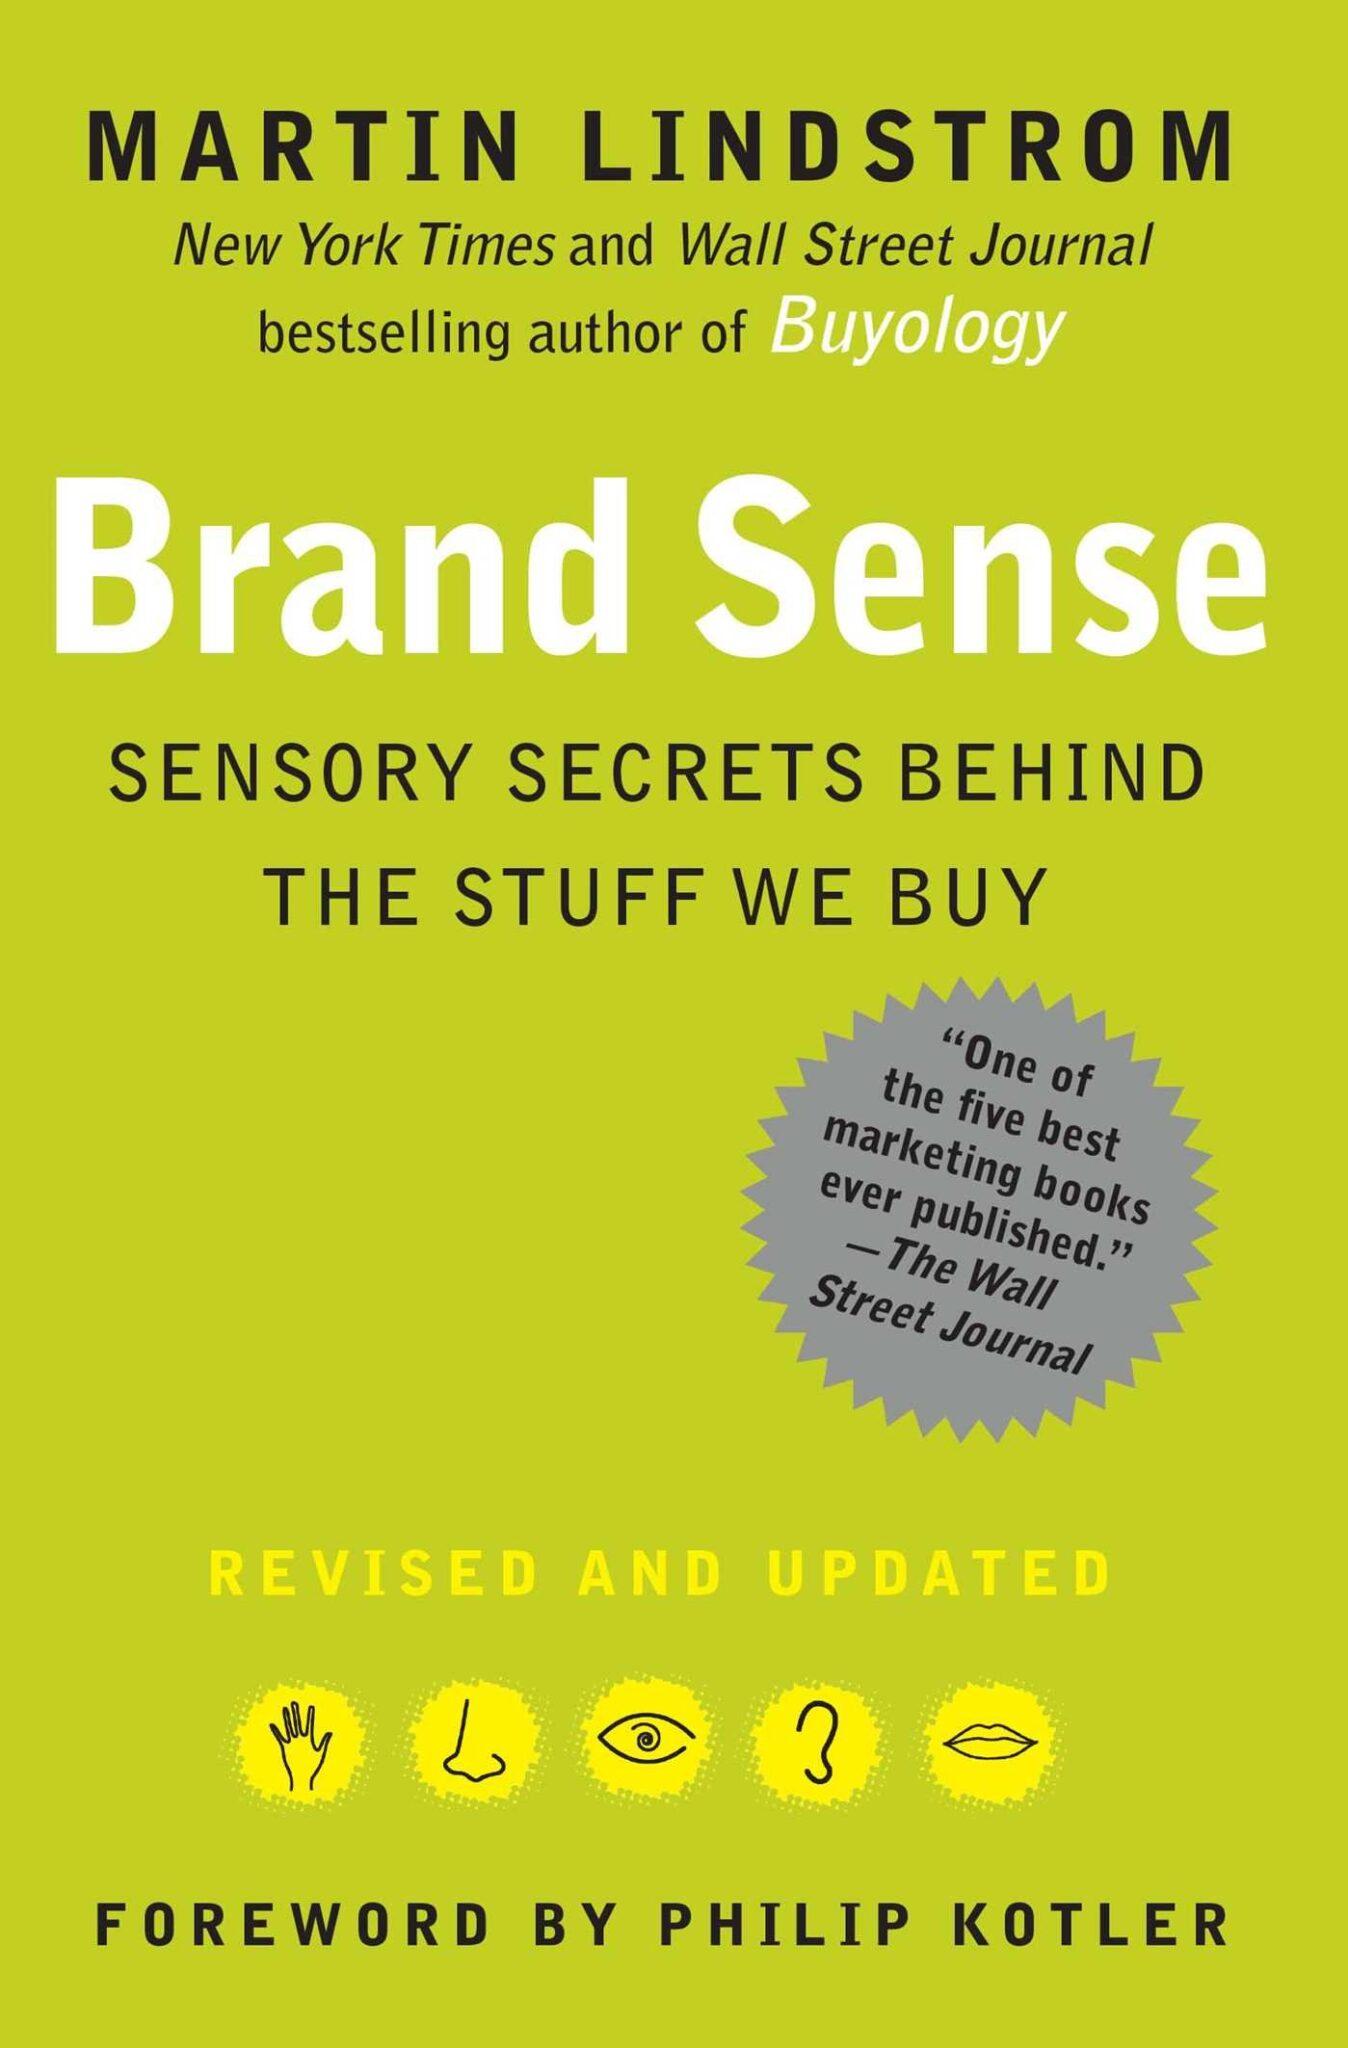 BrandSense: Secretos sensoriales detrás de las cosas que compramos.